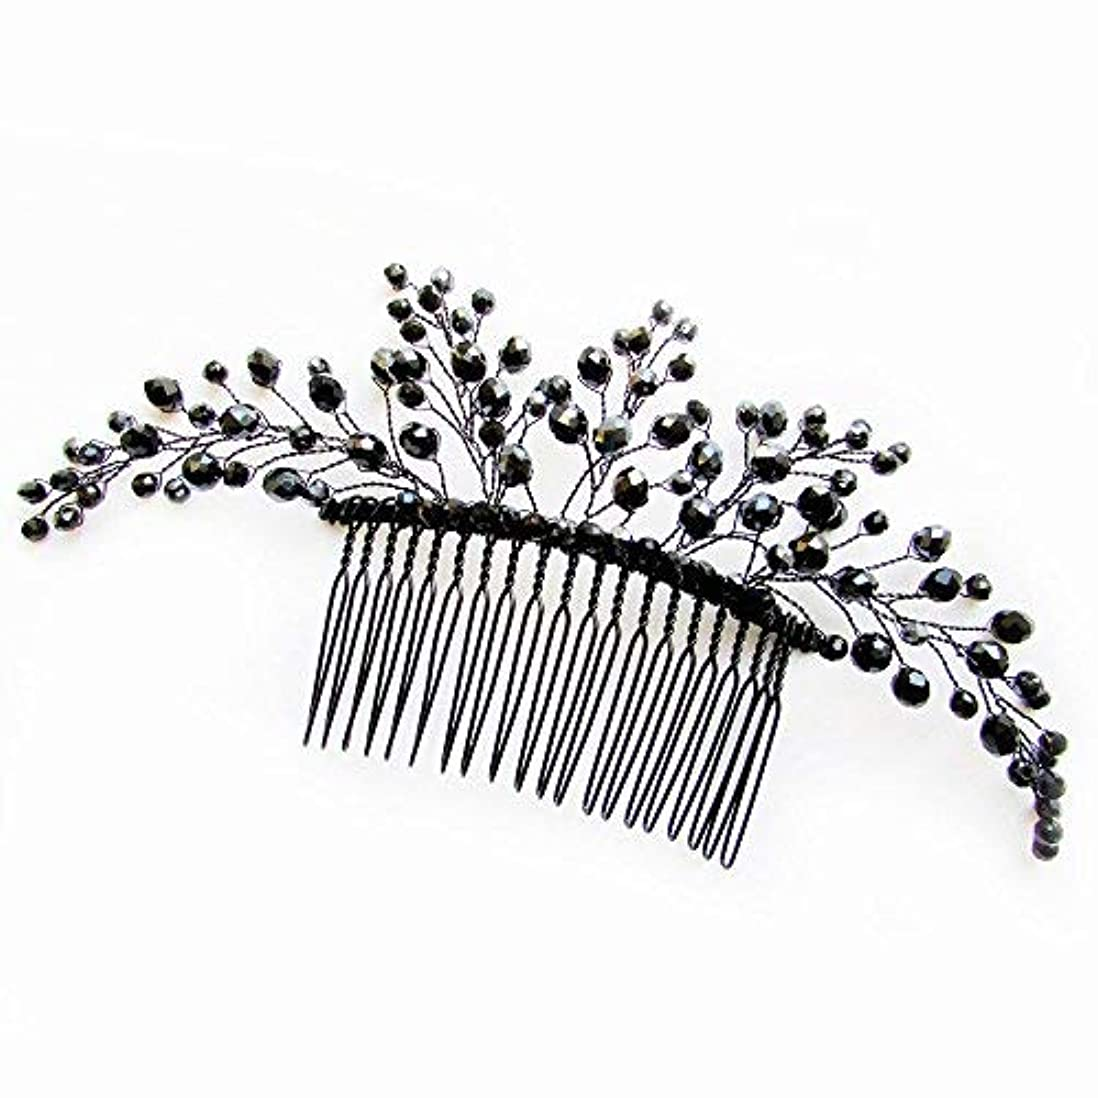 彼女自身ドライブ小道具Missgrace Black Hair Comb Halloween Special Occasion Headpiece Black Hair Accessories [並行輸入品]